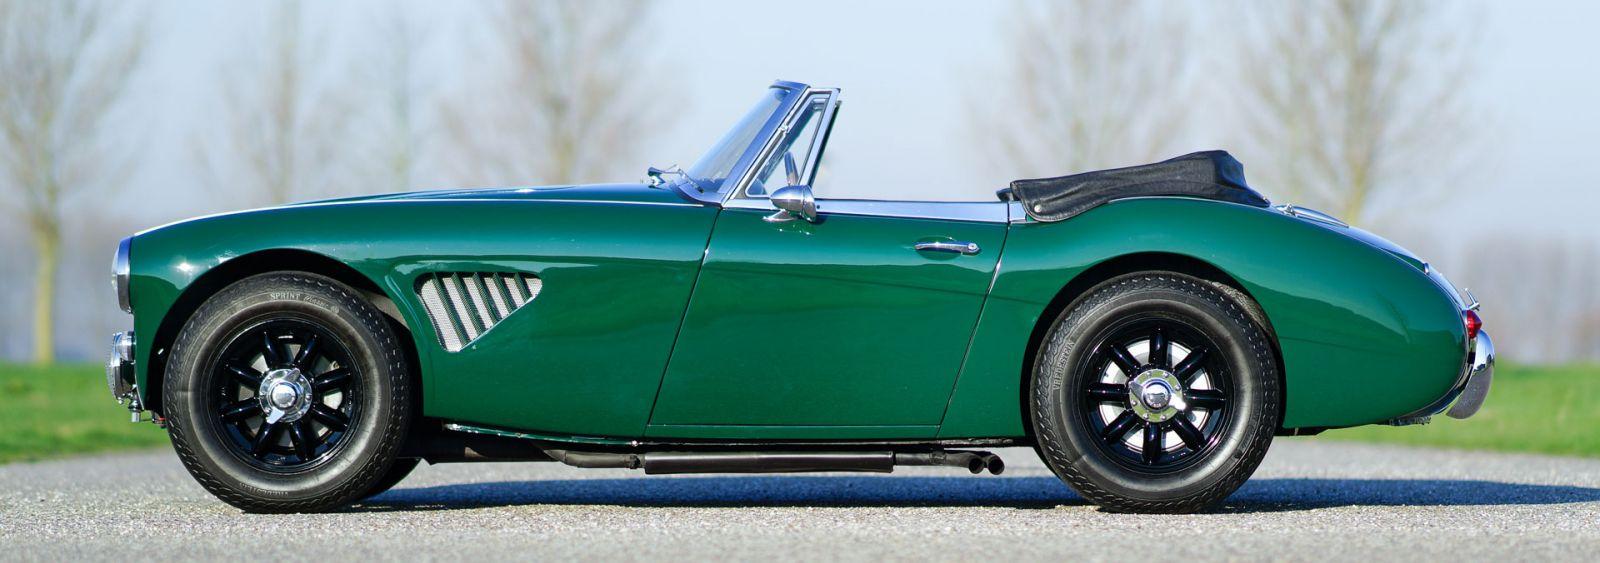 Charming Austin Healey 3000 Mk III, 1965